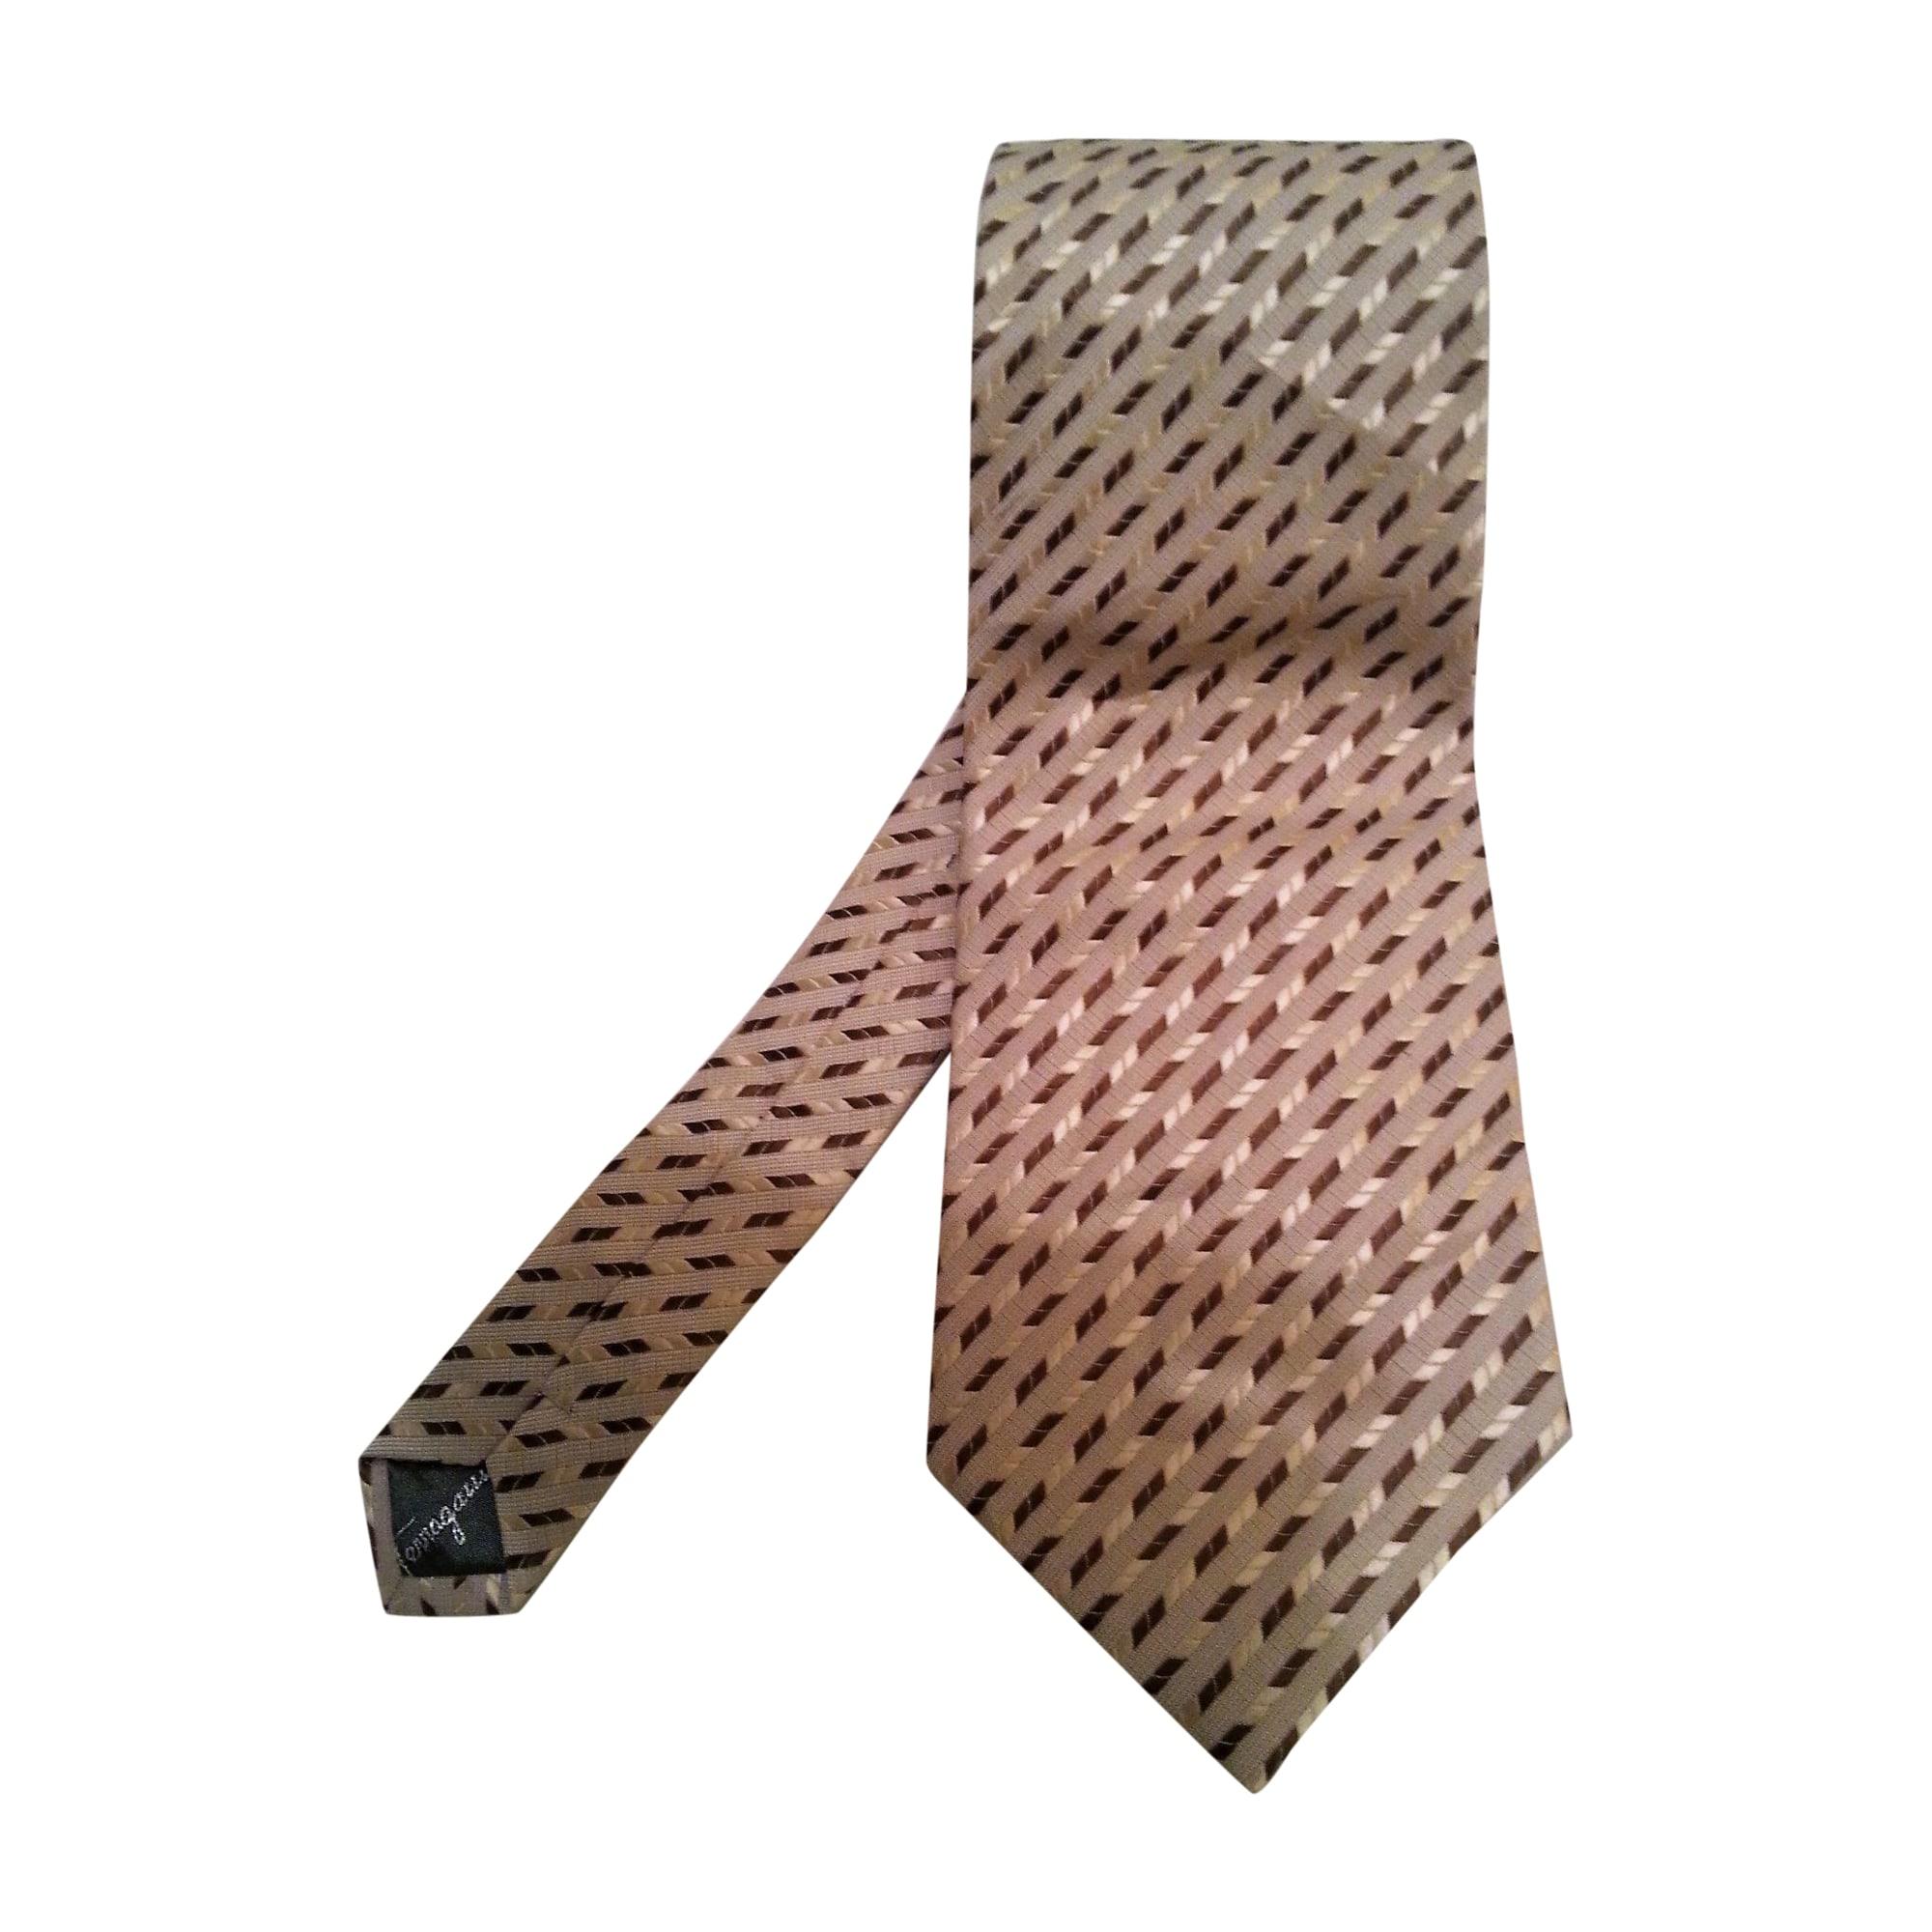 Cravate SALVATORE FERRAGAMO Beige, camel